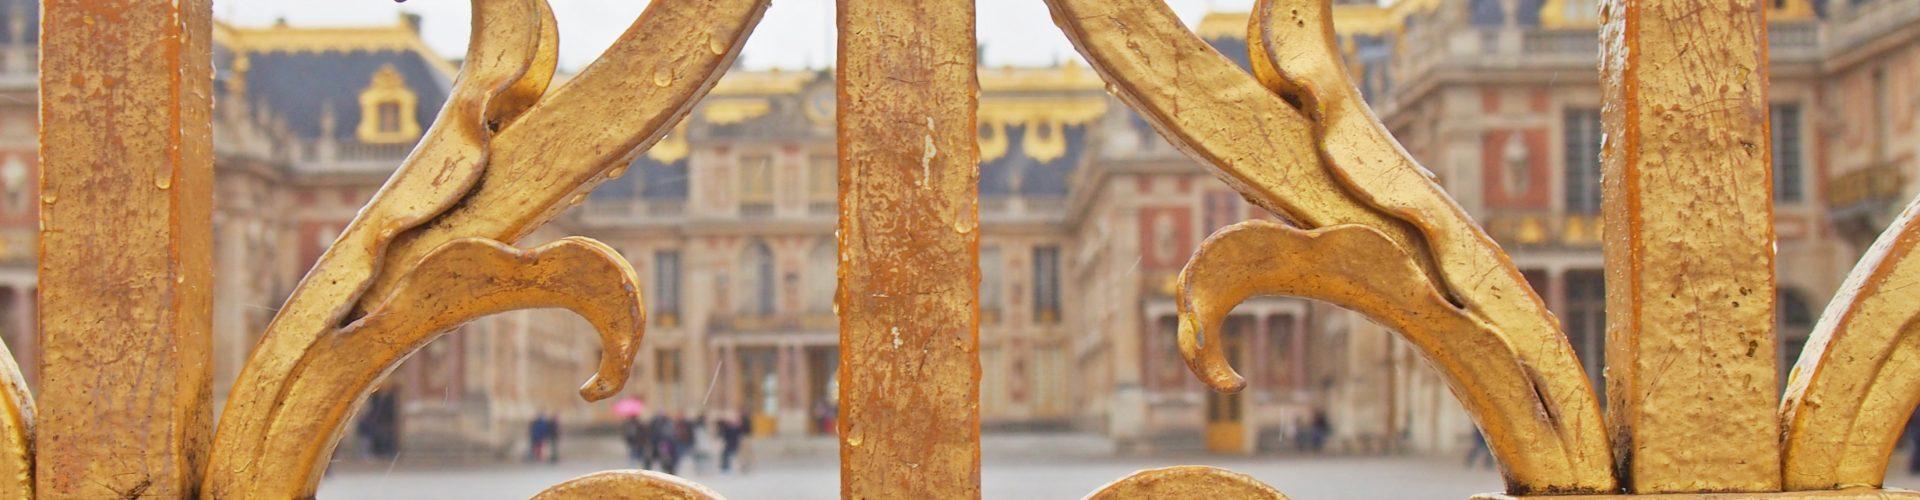 Versailles – zámek, kudy kráčela Marie Antoinetta i Angelika